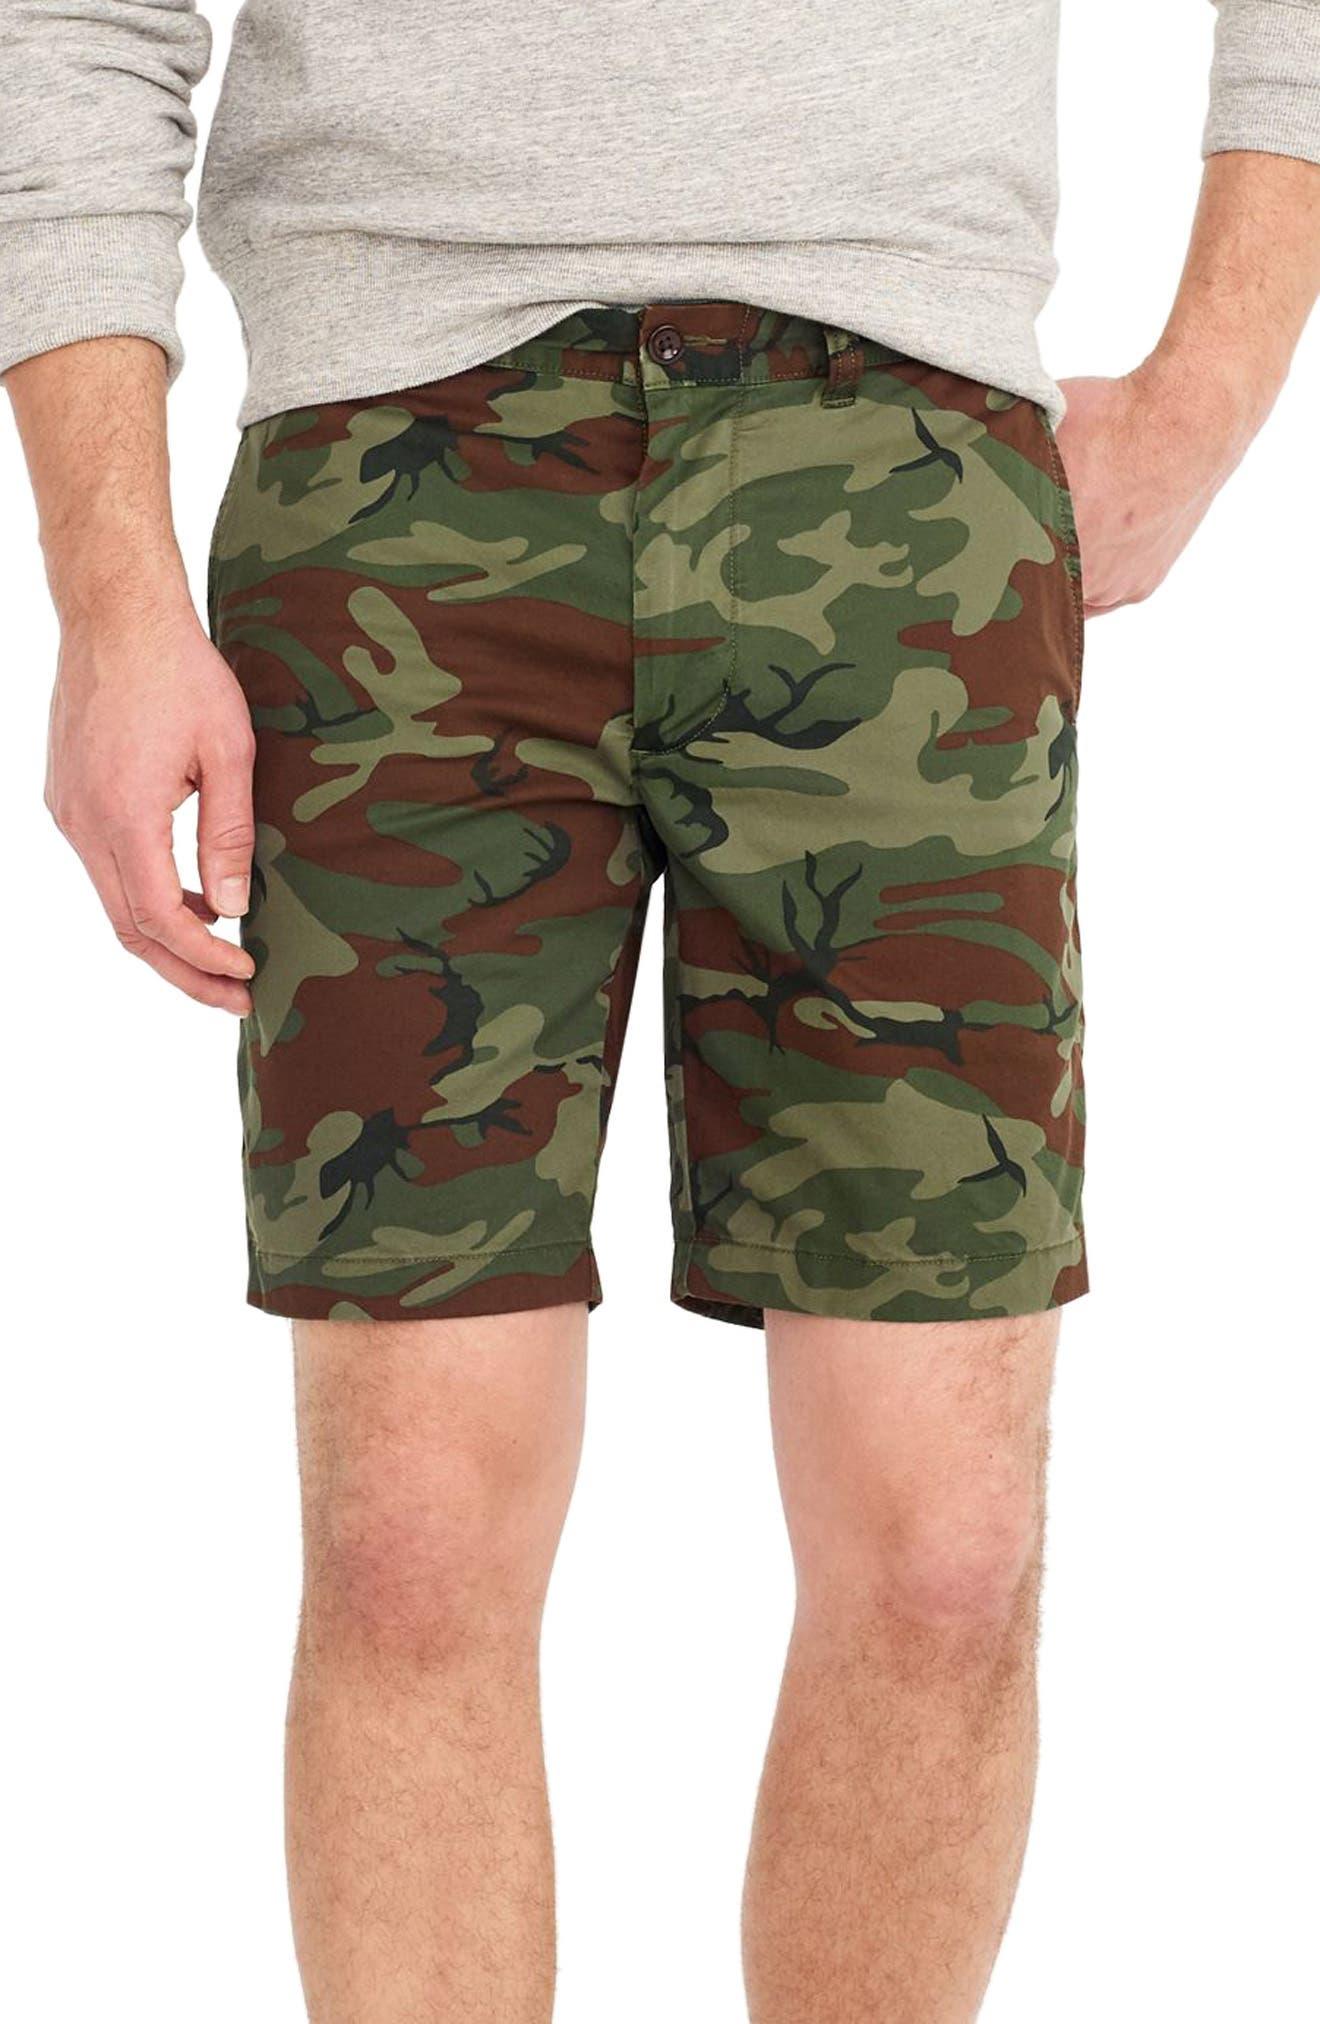 J.Crew Stretch Camo Shorts,                         Main,                         color, Camo Wamo